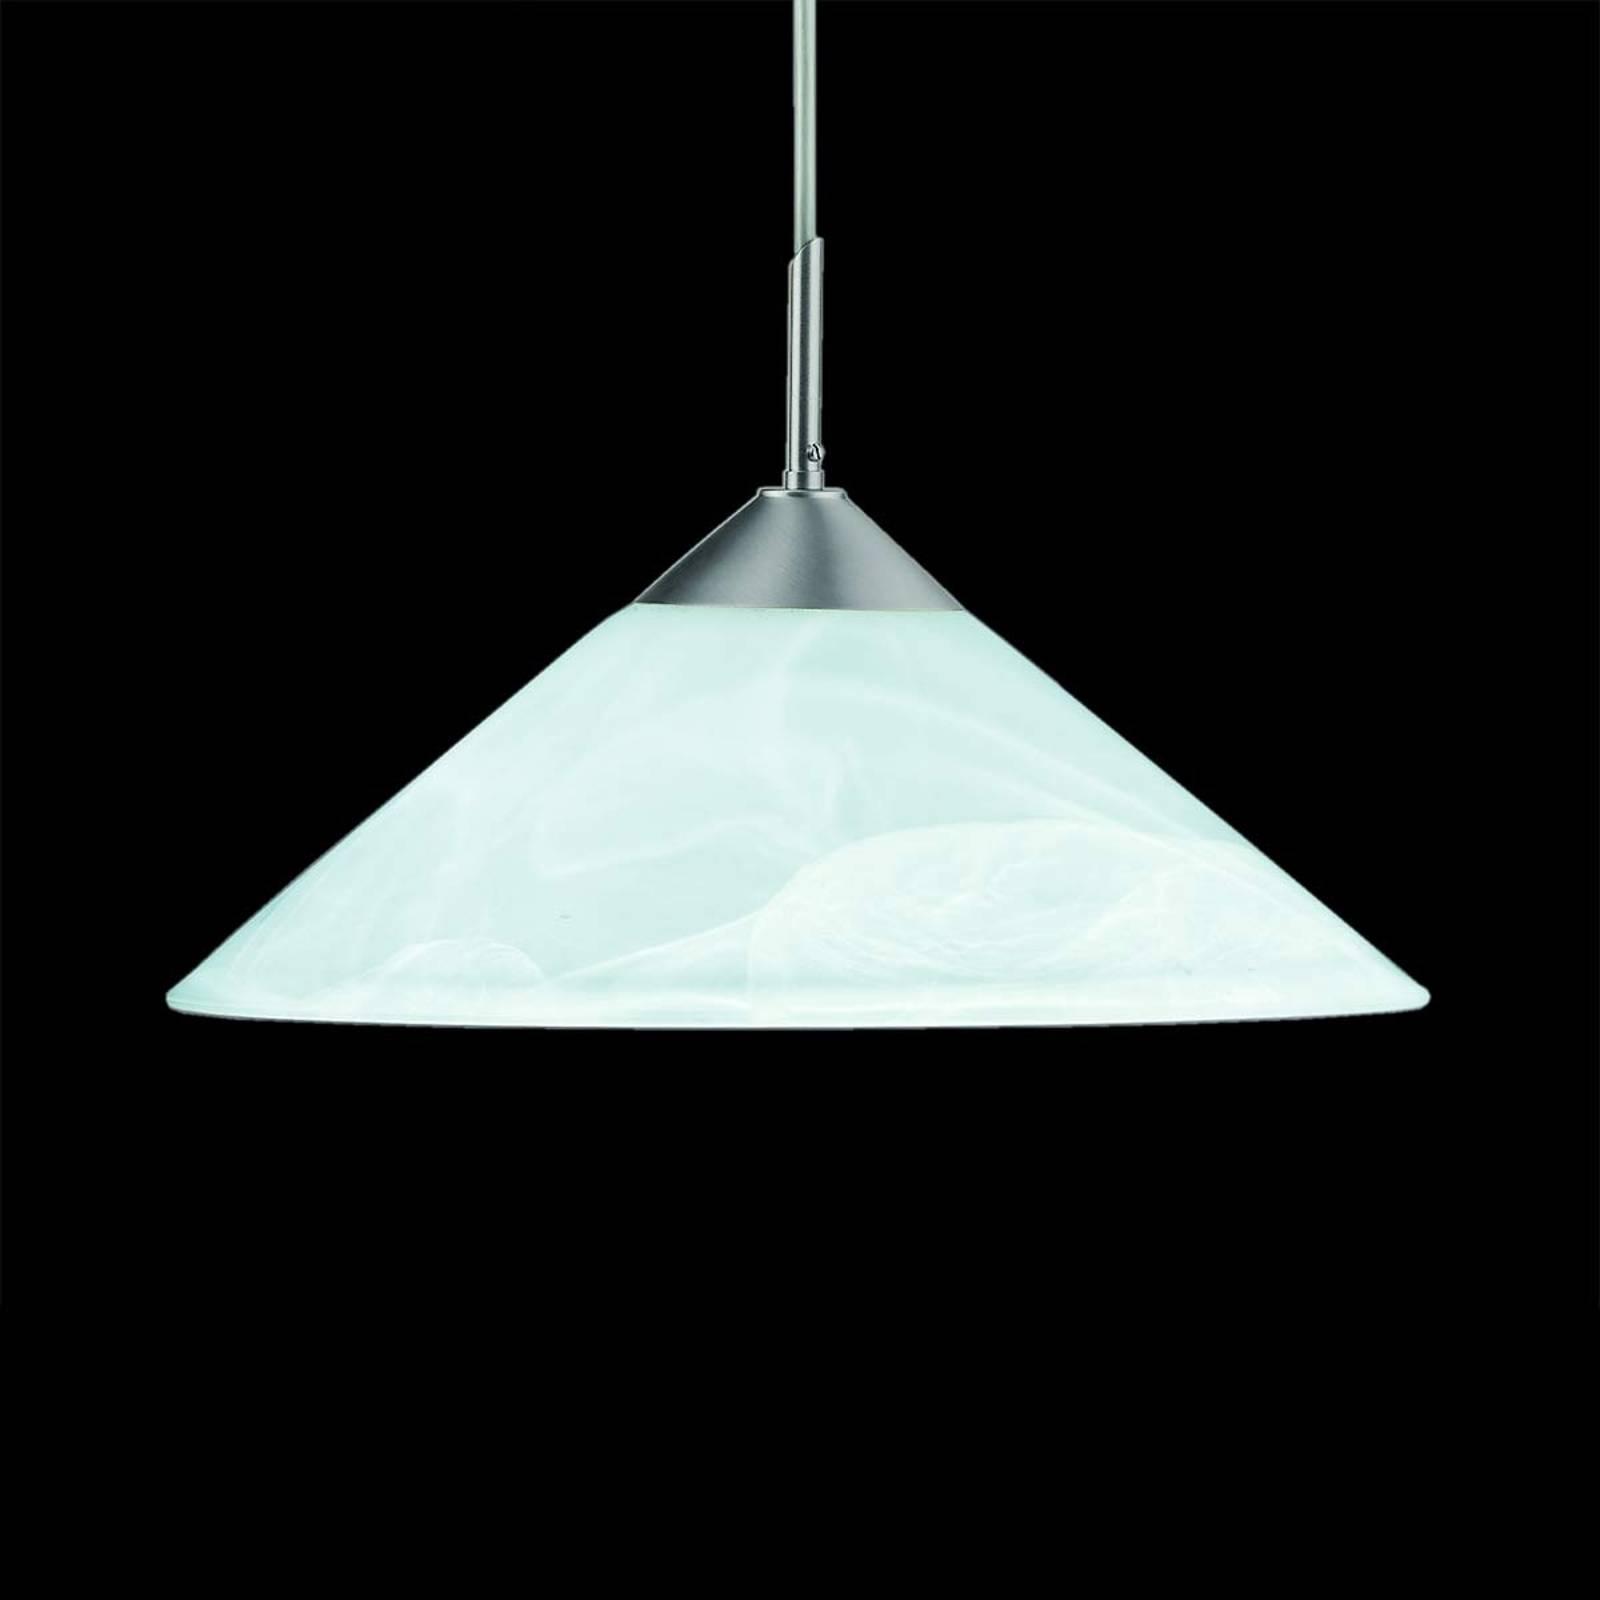 Marmurowa lampa wisząca SATURN, matowy nikiel